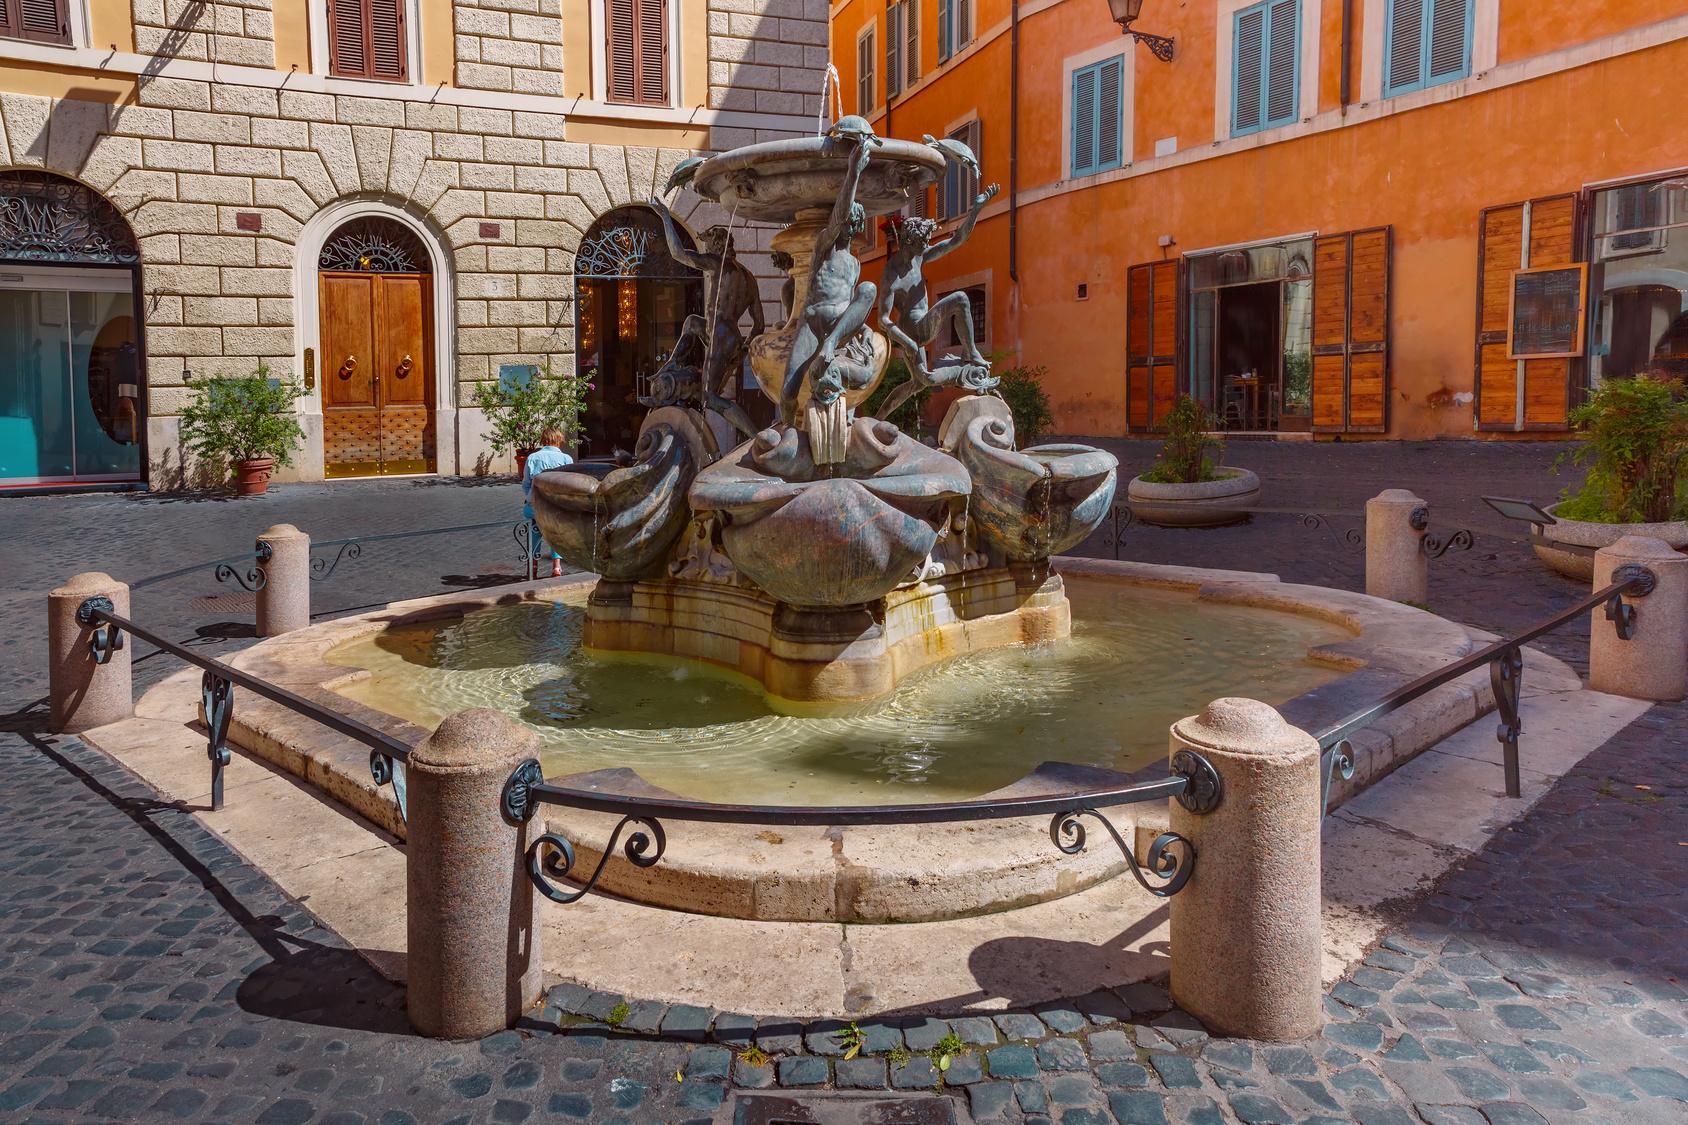 Piazza Mattei in Rome